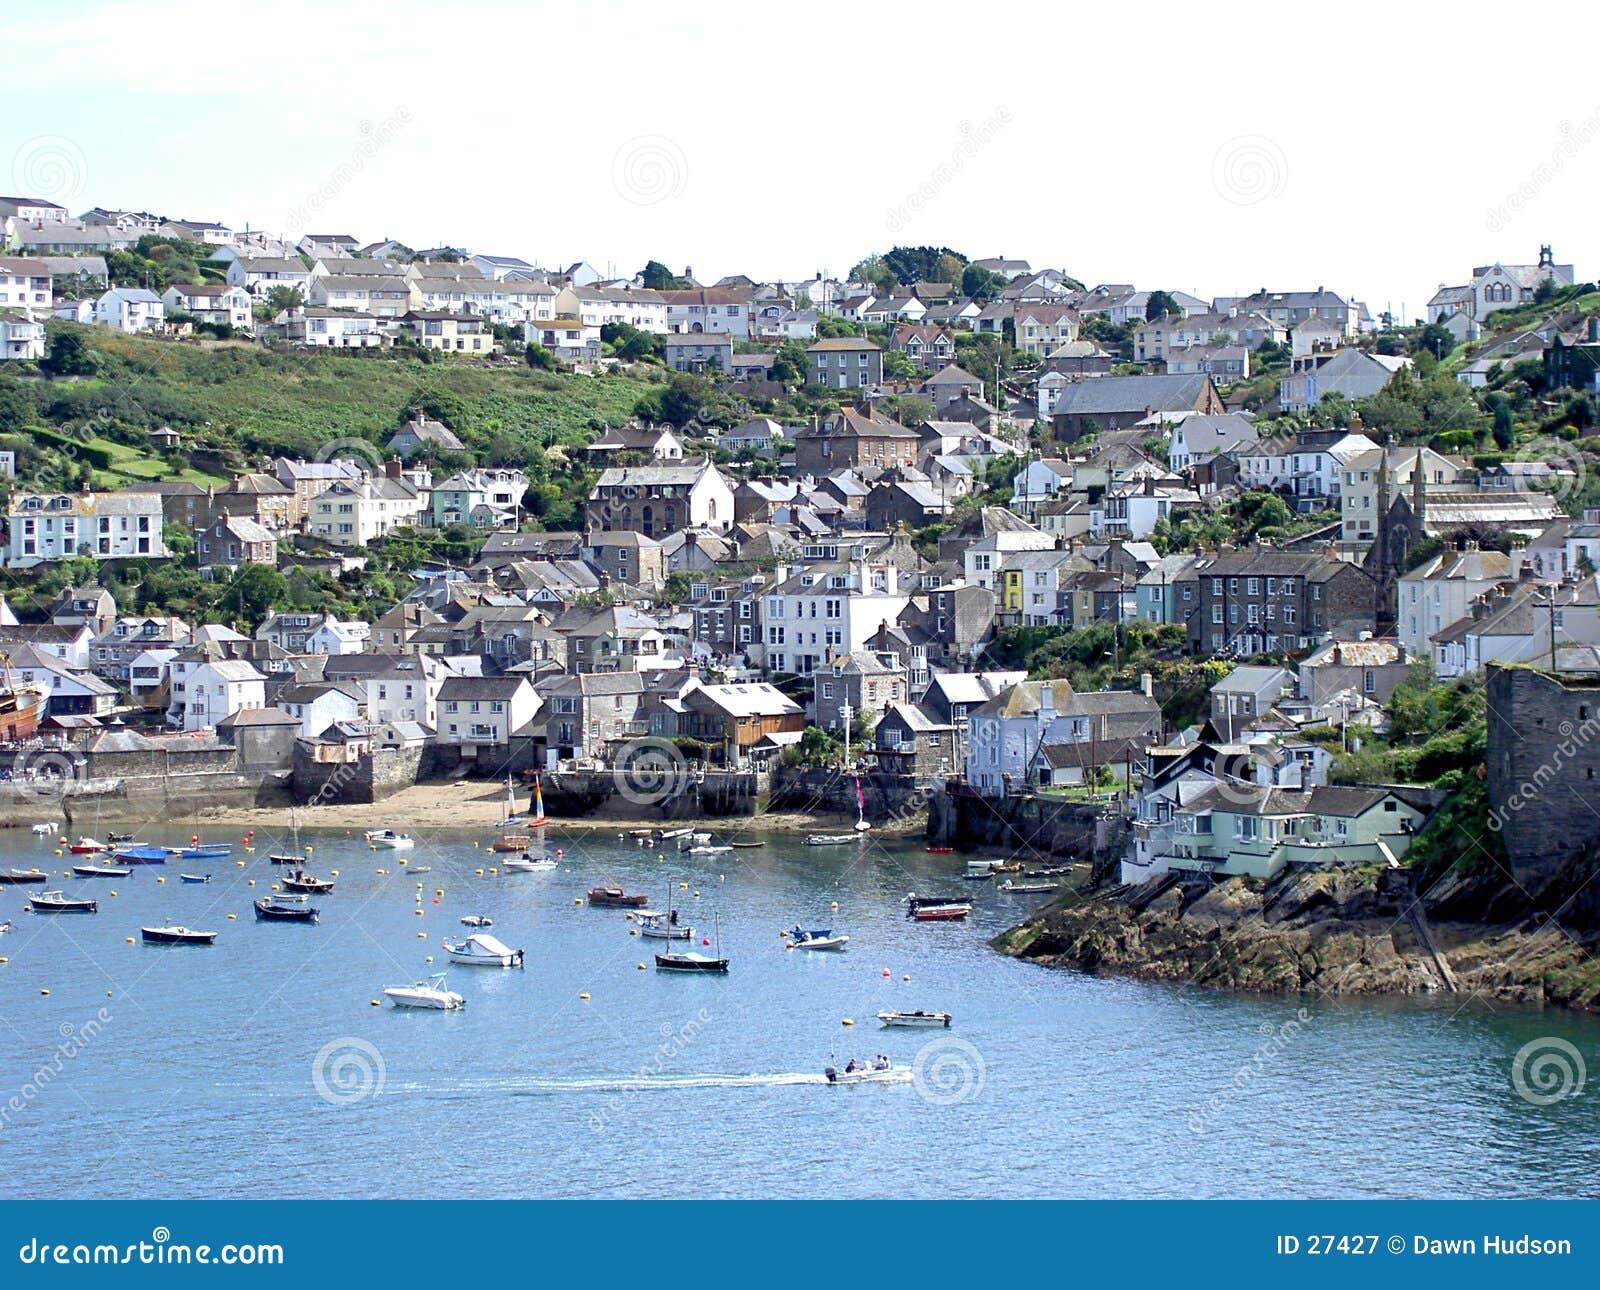 Cornish Harbour Scene